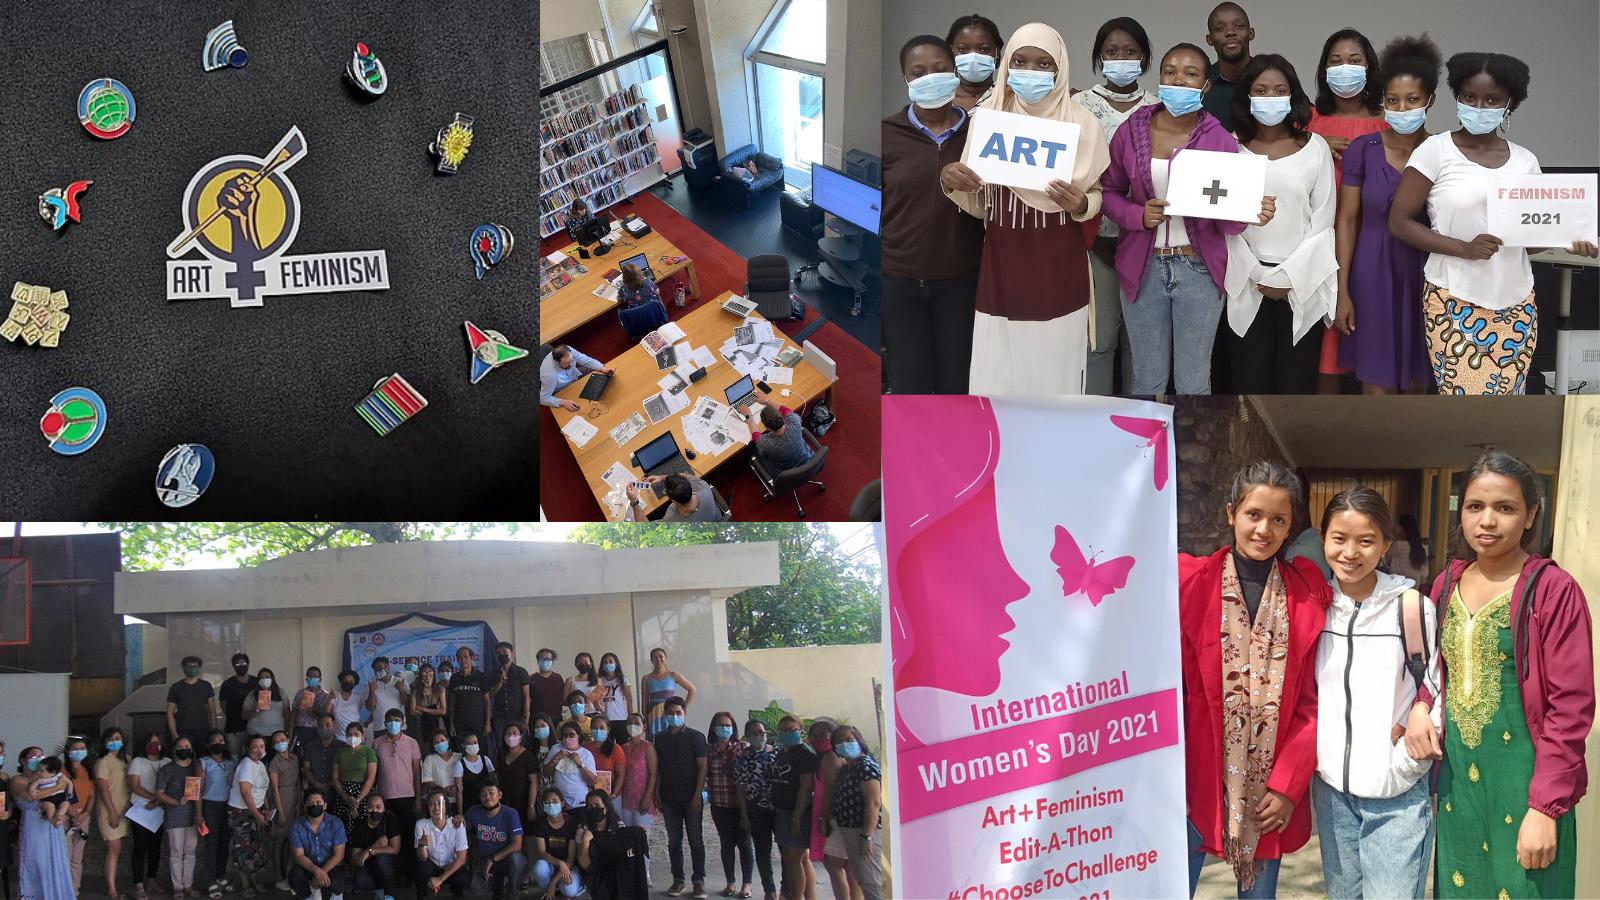 Collage de cinco fotos de varios eventos de Arte+Feminismo en todo el mundo en 2021. En el sentido de las agujas del reloj, desde la izquierda: Swag en Arte y Feminismo en Filipinas 2021 (MaroBos); Know My Name Edit-a-thon en la Biblioteca de la Galería Nacional de Australia (Tenniscourtisland); Ateliers ART+FEMINISMO 2021 Costa de Marfil (Aristidek5maya); Arte+Feminismo en Nepal (Nawaraj Ghimire); Arte y Feminismo en Filipinas 2021 (MaroBos) todas las fotos CC BY-SA 4.0, vía Wikimedia Commons  Traducción realizada con la versión gratuita del traductor www.DeepL.com/Translator